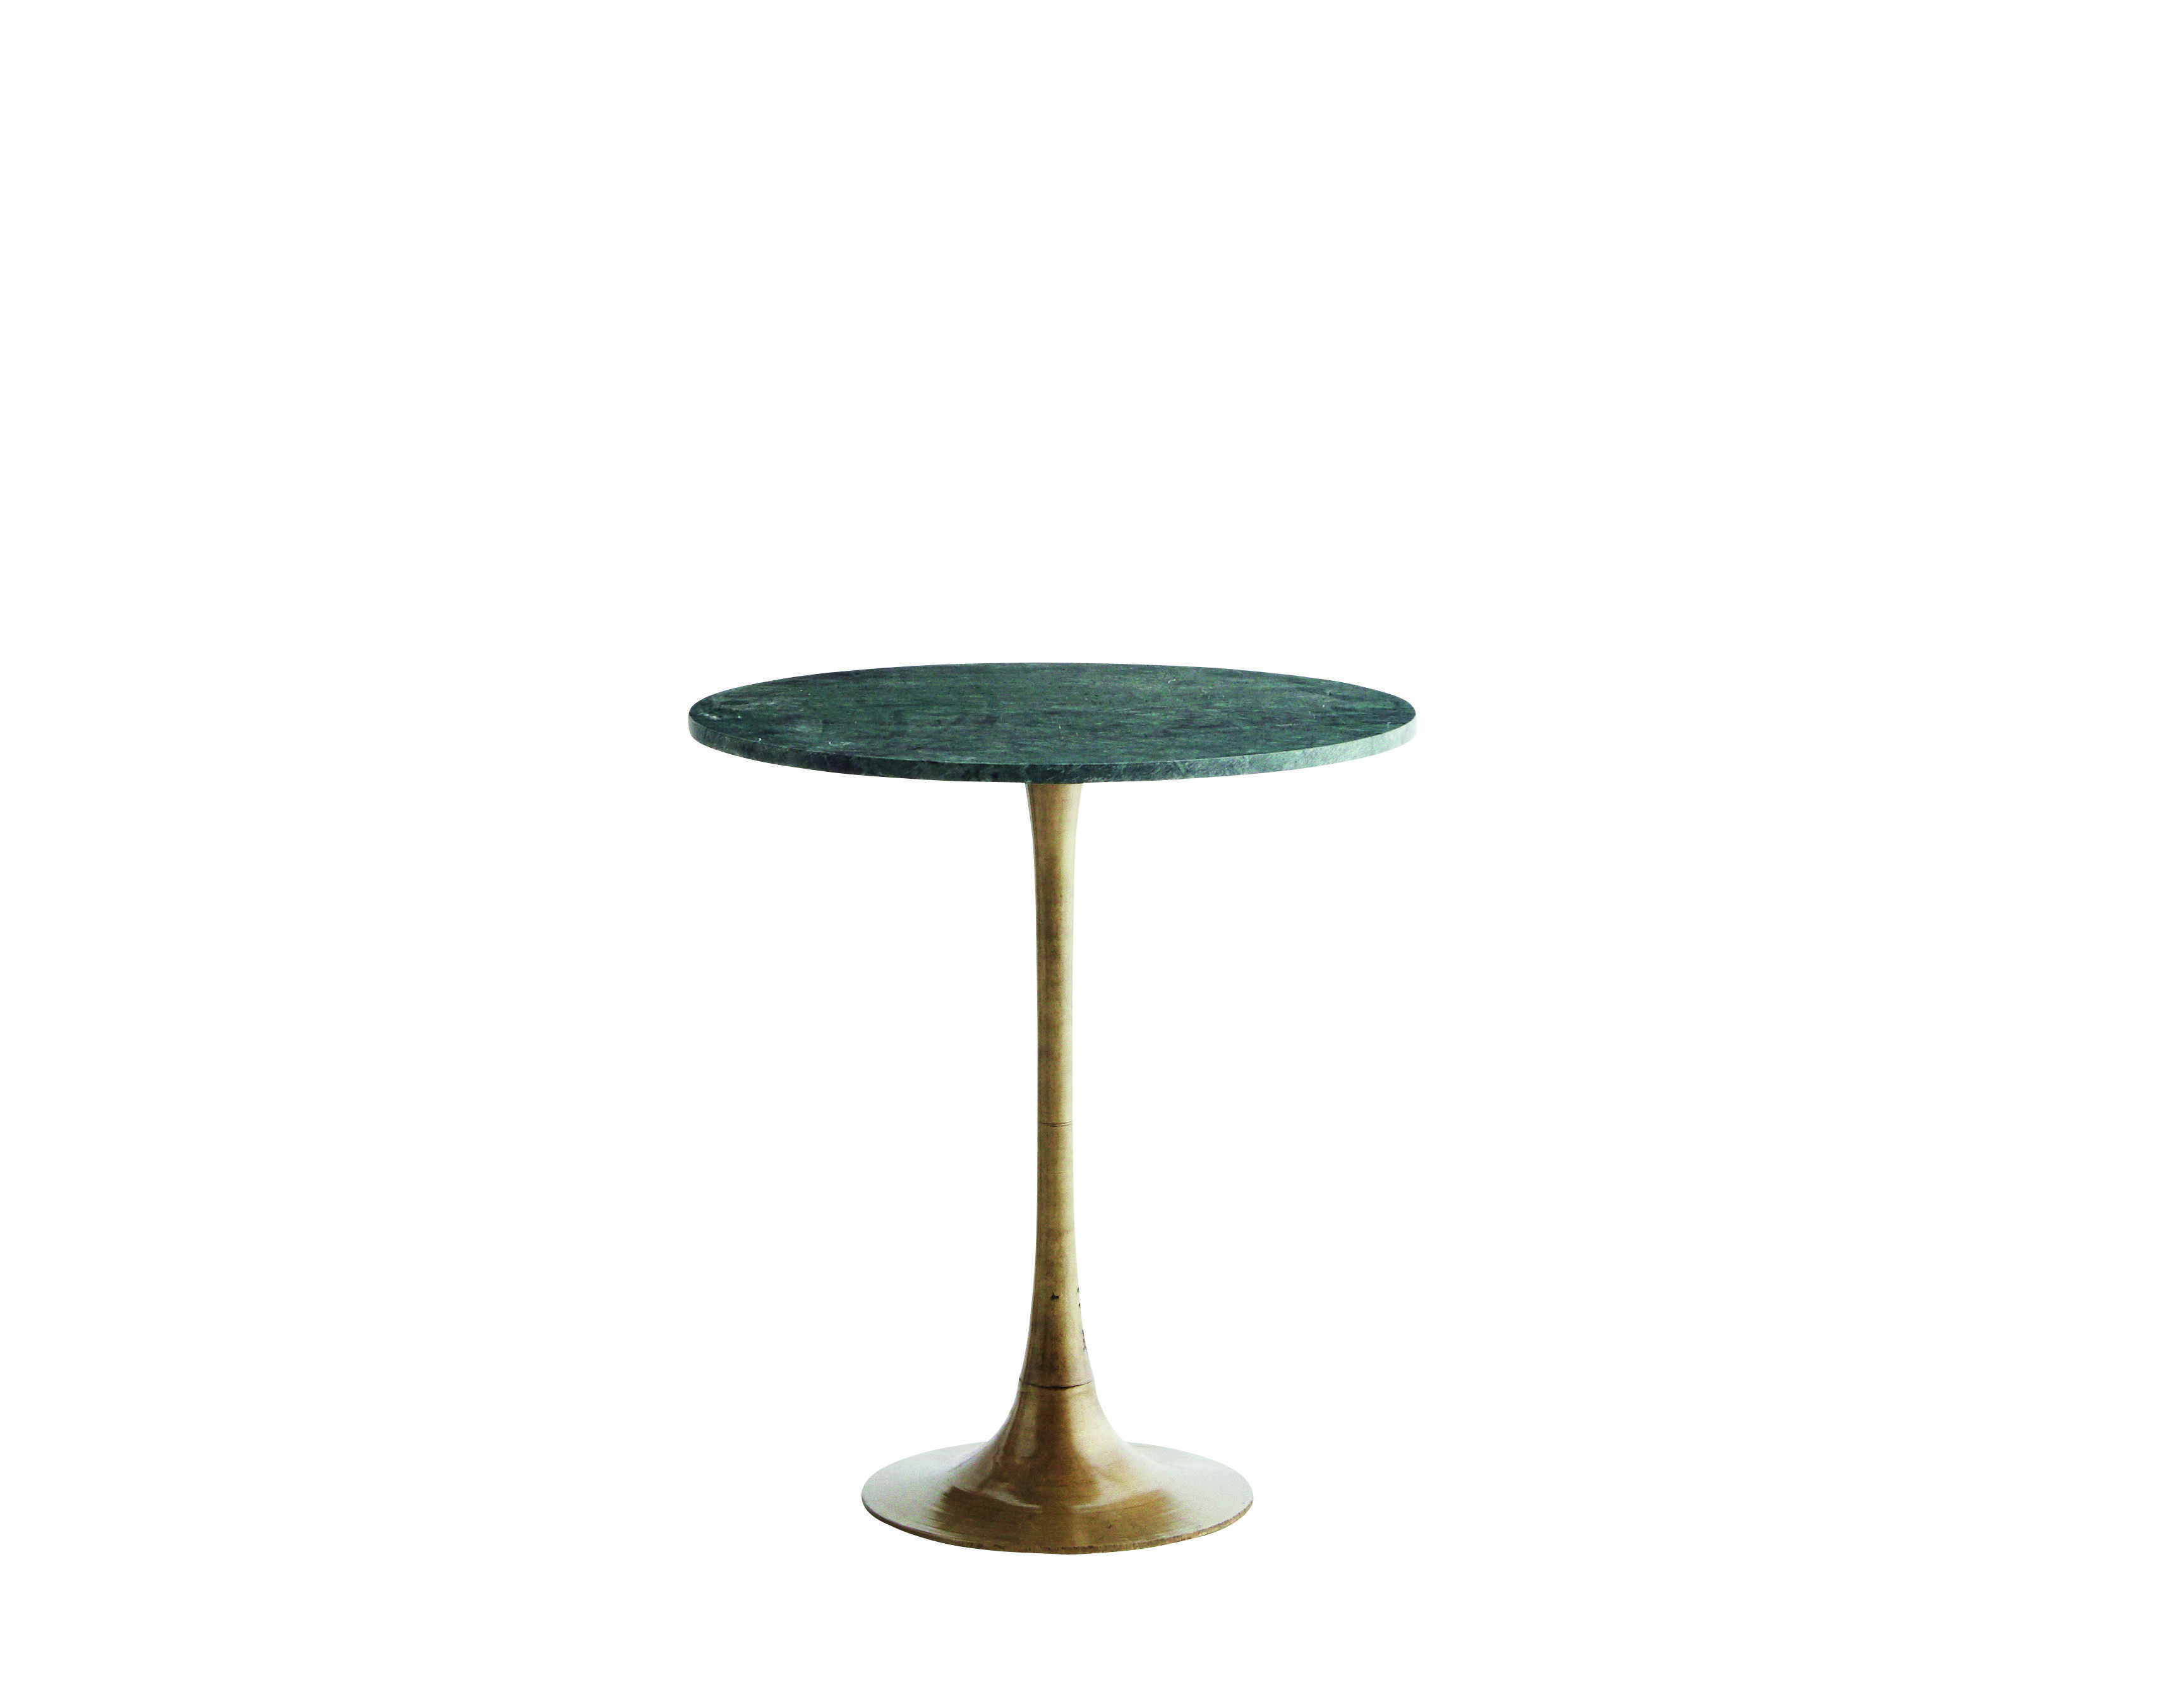 12 meubles indispensables pour une pause au coin du feu r ussie mobilier table bistrot - Coin de meuble en laiton ...